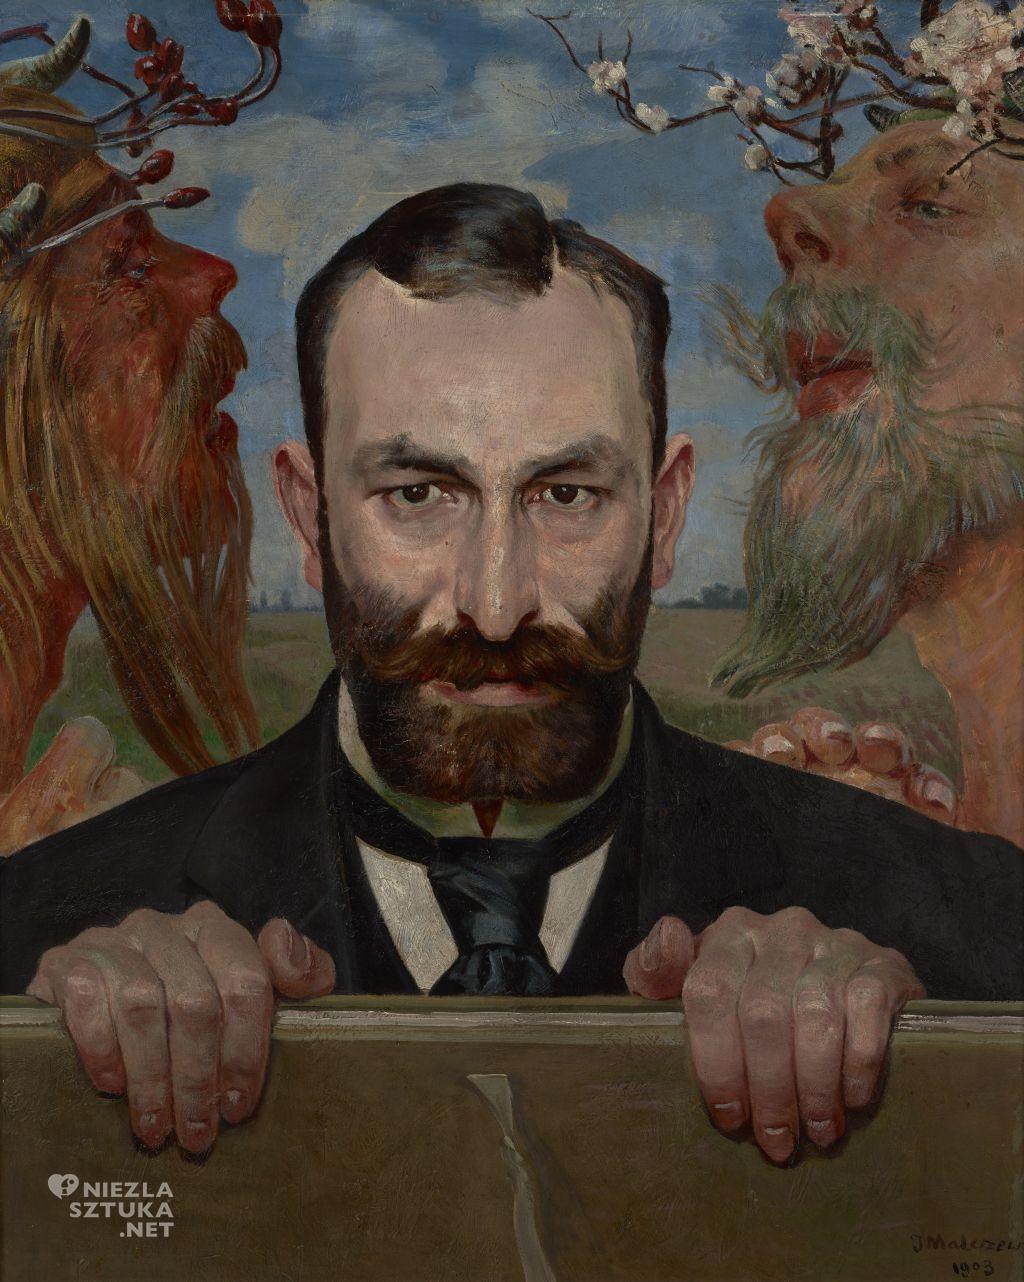 Jacek Malczewski, Portret Feliksa Jasieńskiego, Niezła sztuka